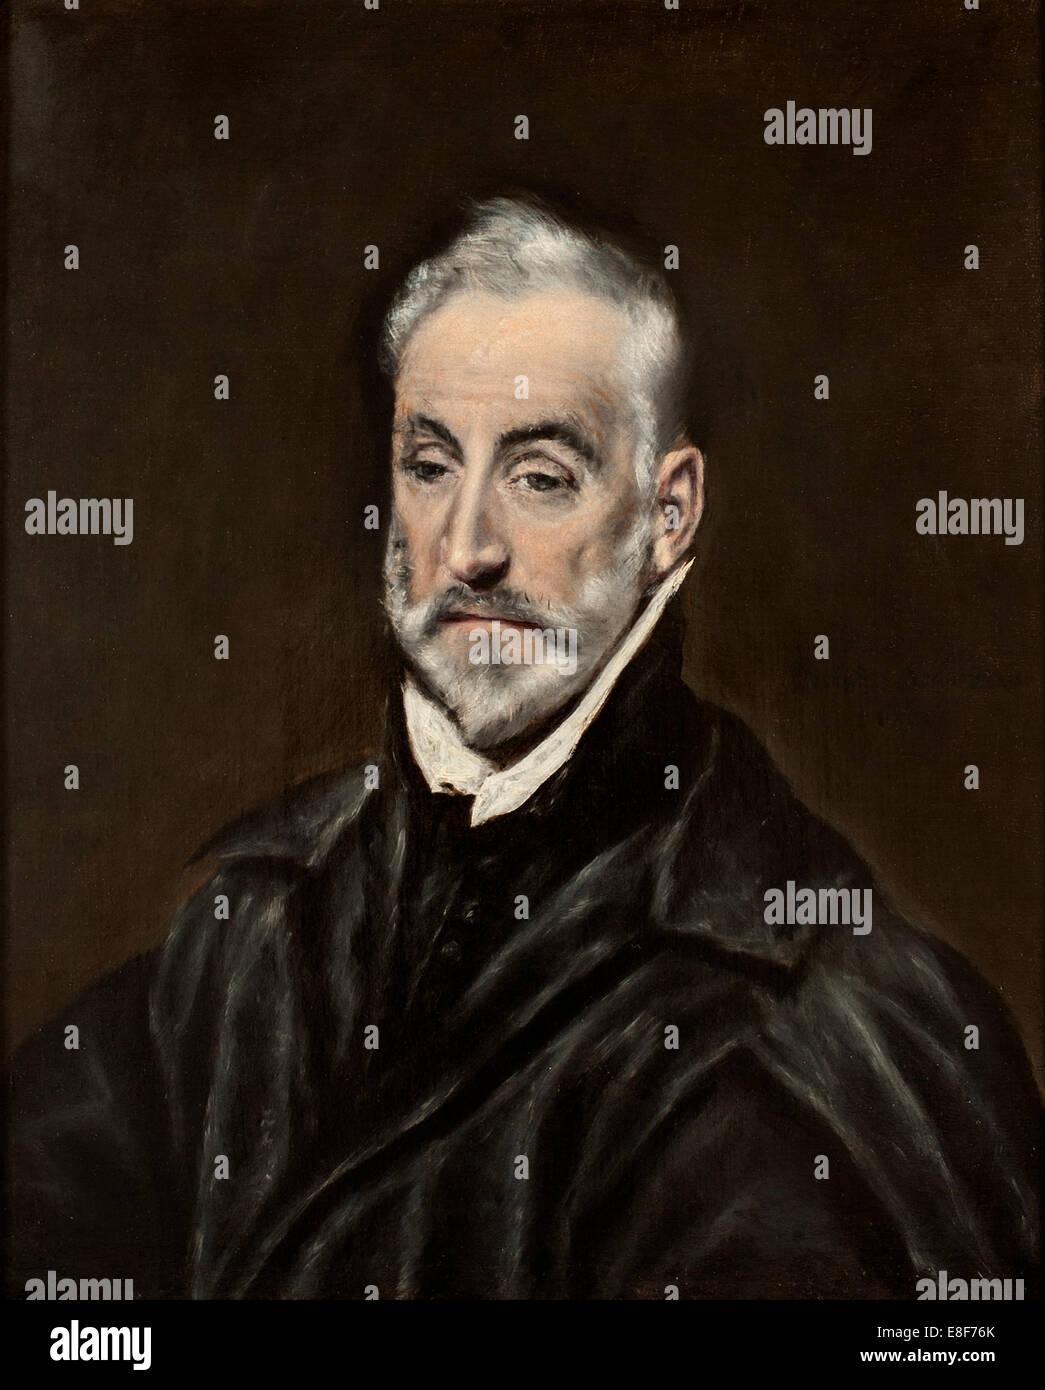 Portrait of Antonio de Covarrubias y Leiva. Artist: El Greco, Dominico (1541-1614) - Stock Image